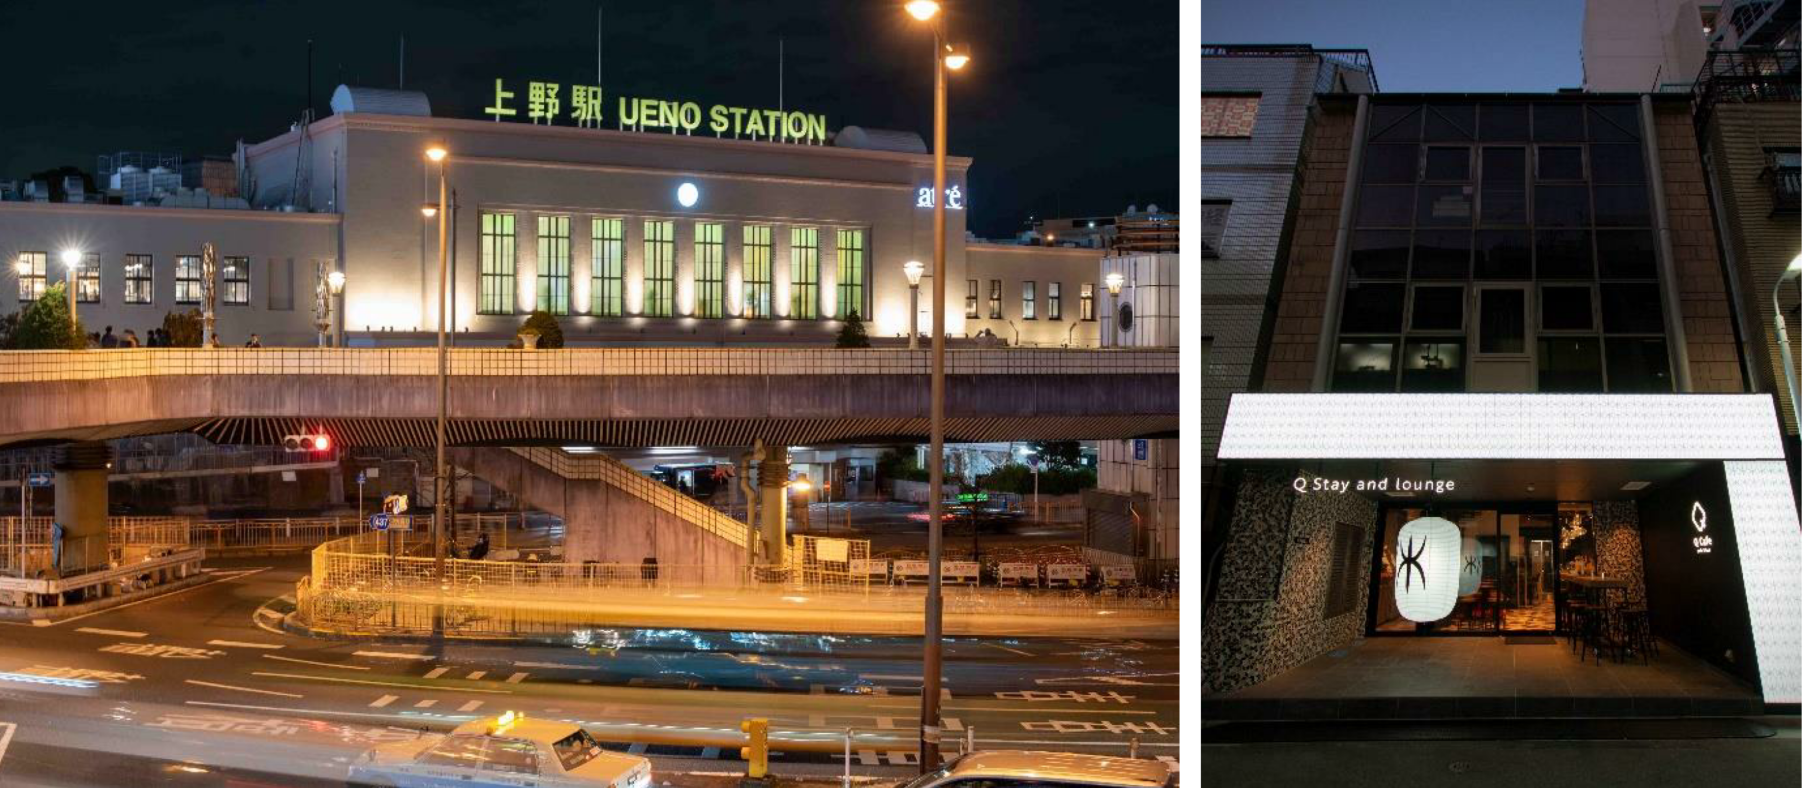 月6万円 上野駅3分の「ホステル住み」で通勤リスク回避